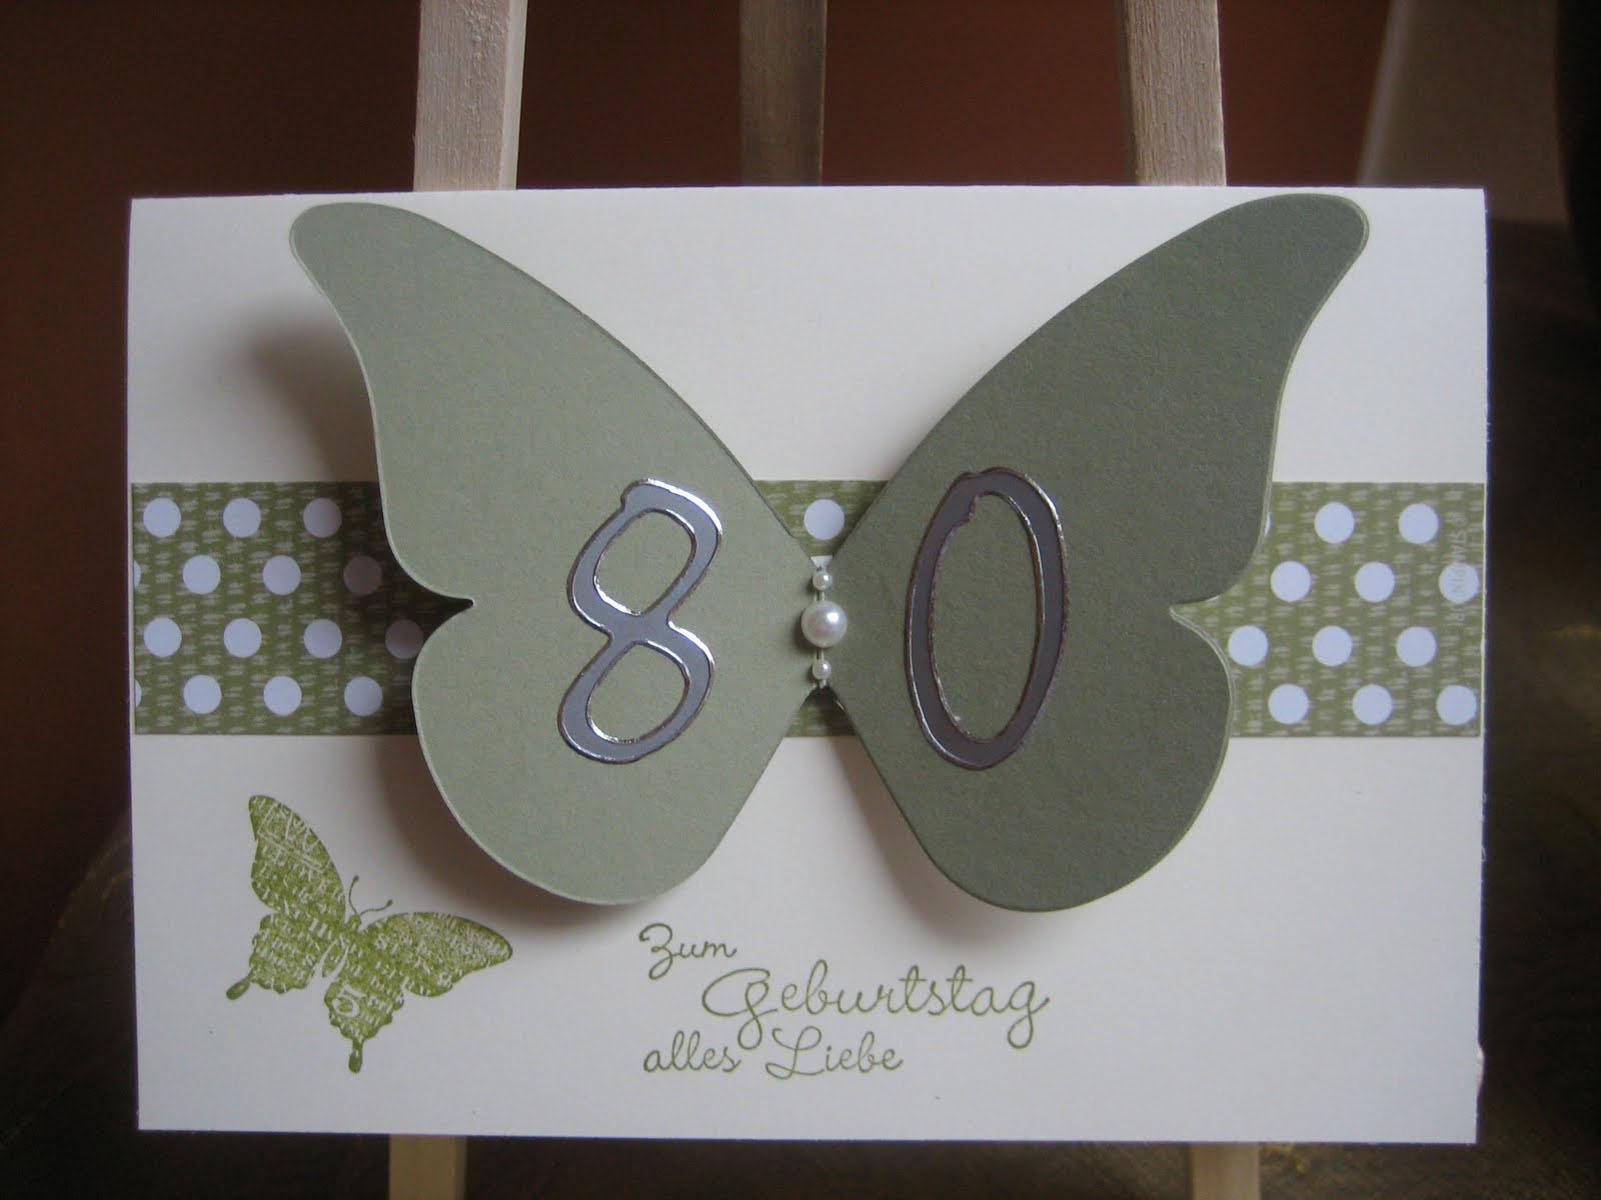 Einladung geburtstag einladung zum 80 geburtstag geburstag einladungskarten geburstag - Geschenke zum 80 geburtstag selber basteln ...